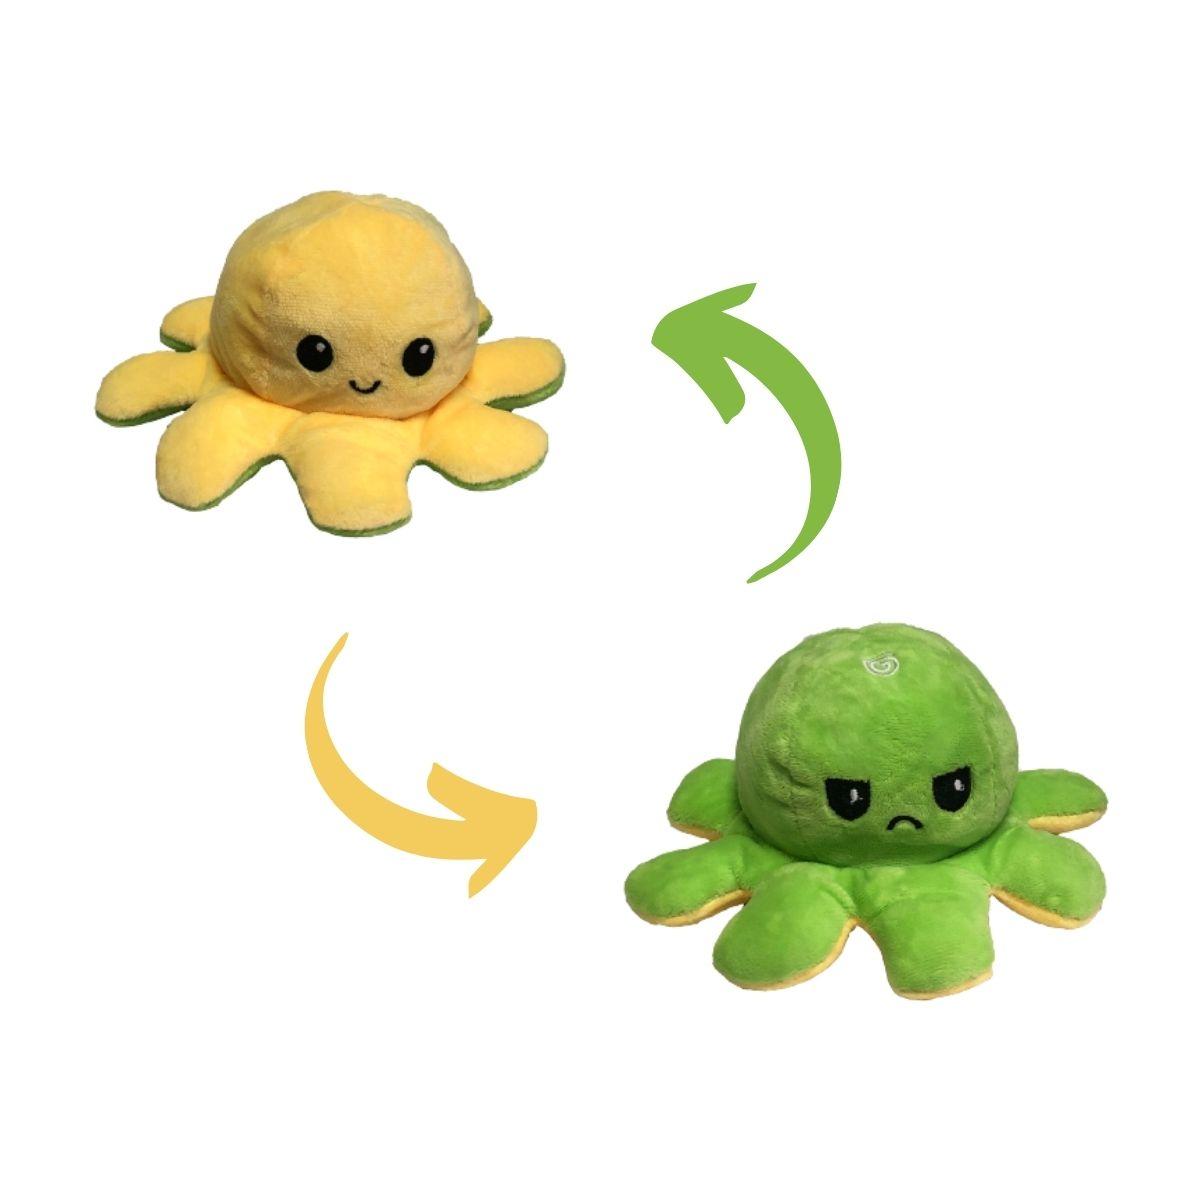 Polvo do Humor Reversível de Pelúcia para Crianças 17x12cm Amarelo e Verde